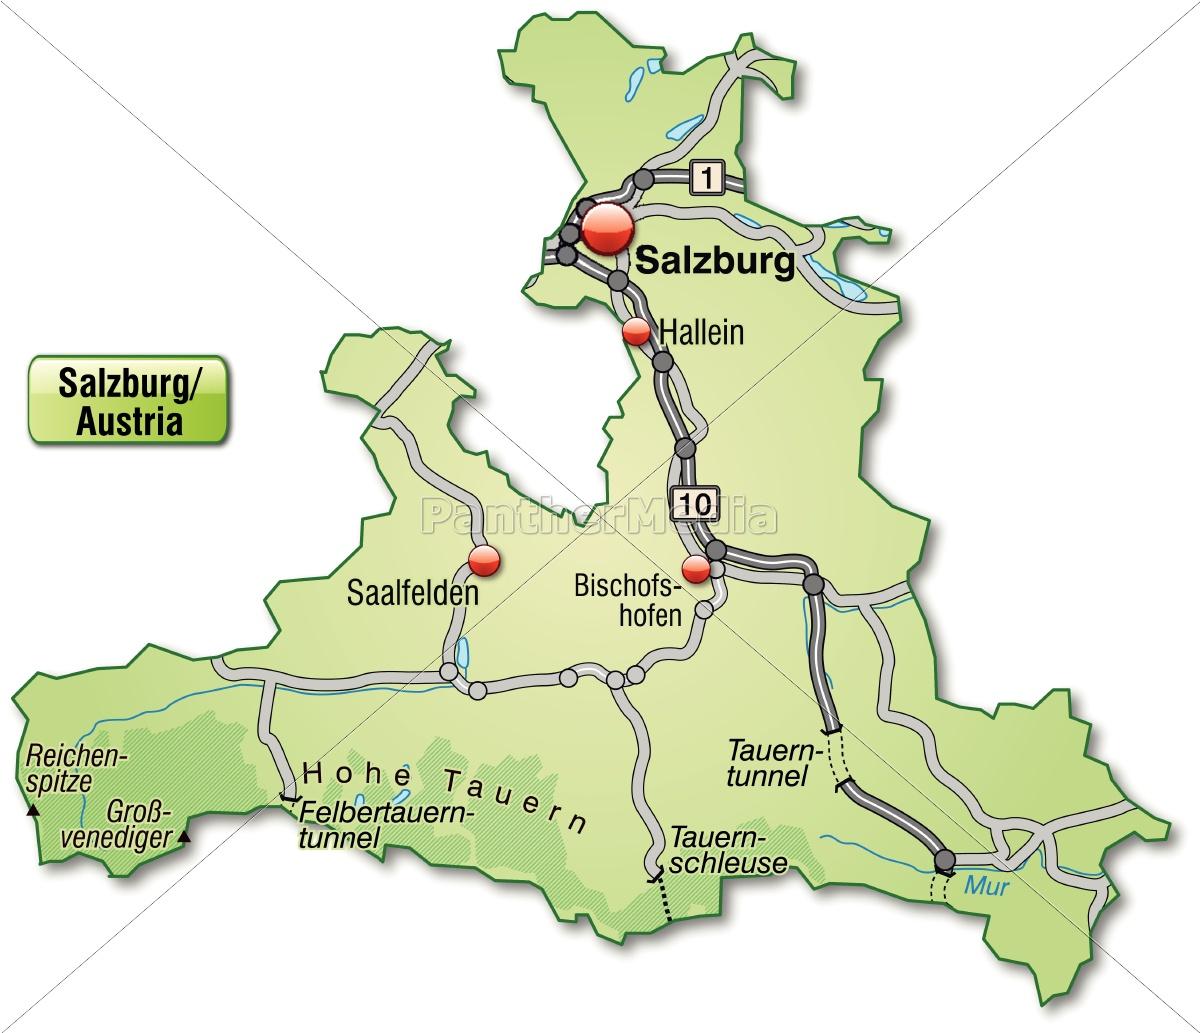 Karte Von Salzburg Mit Verkehrsnetz In Pastellgrun Lizenzfreies